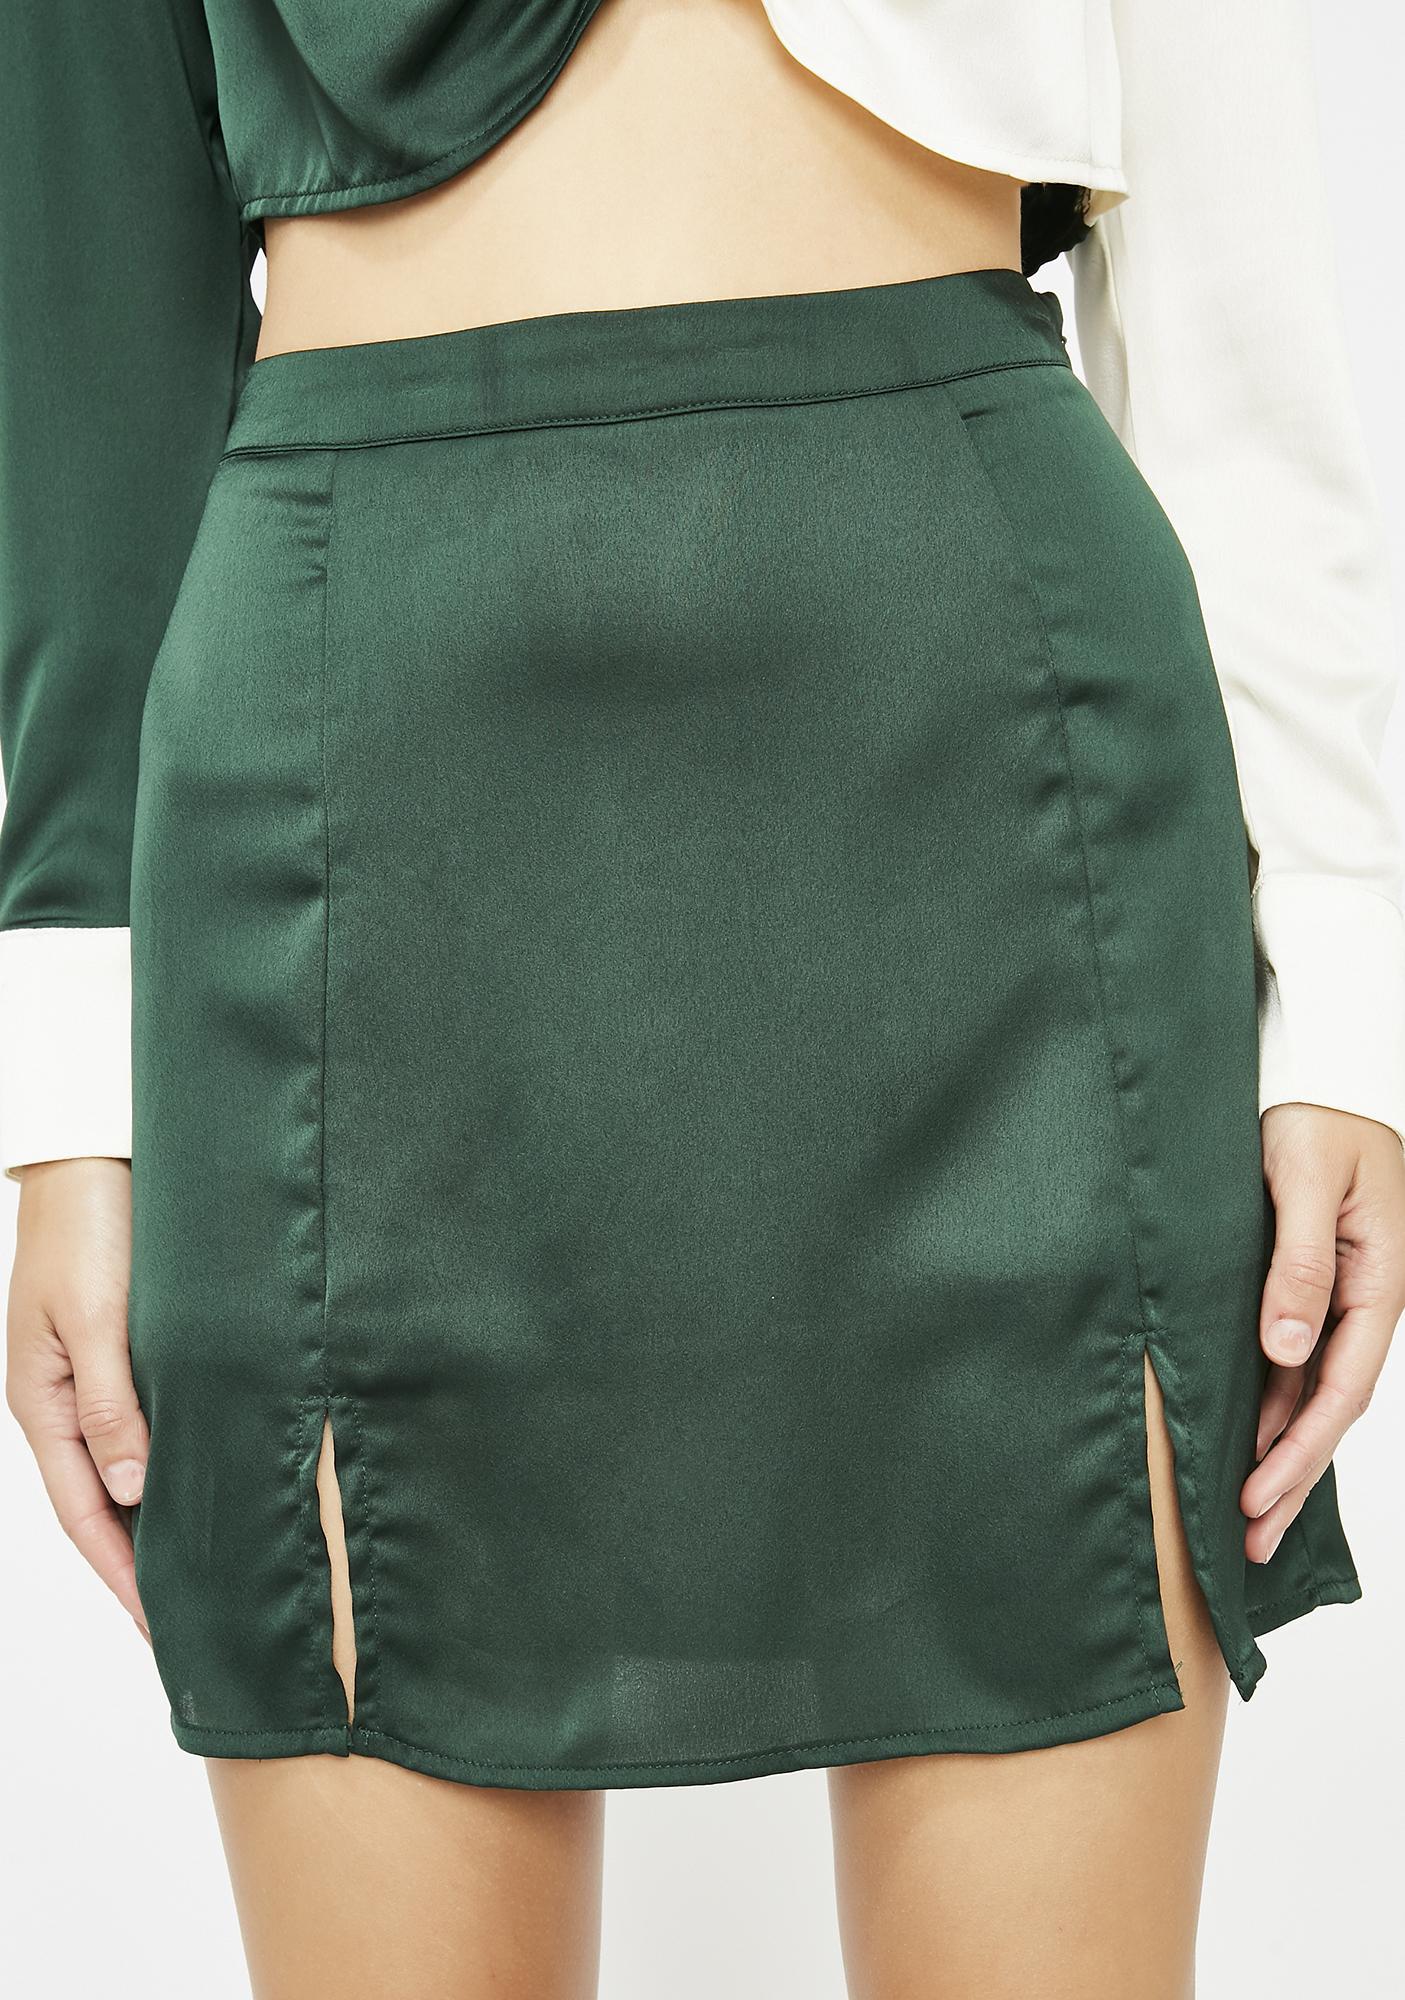 9b1e64e9ddd Dank Saucy Lady Satin Skirt